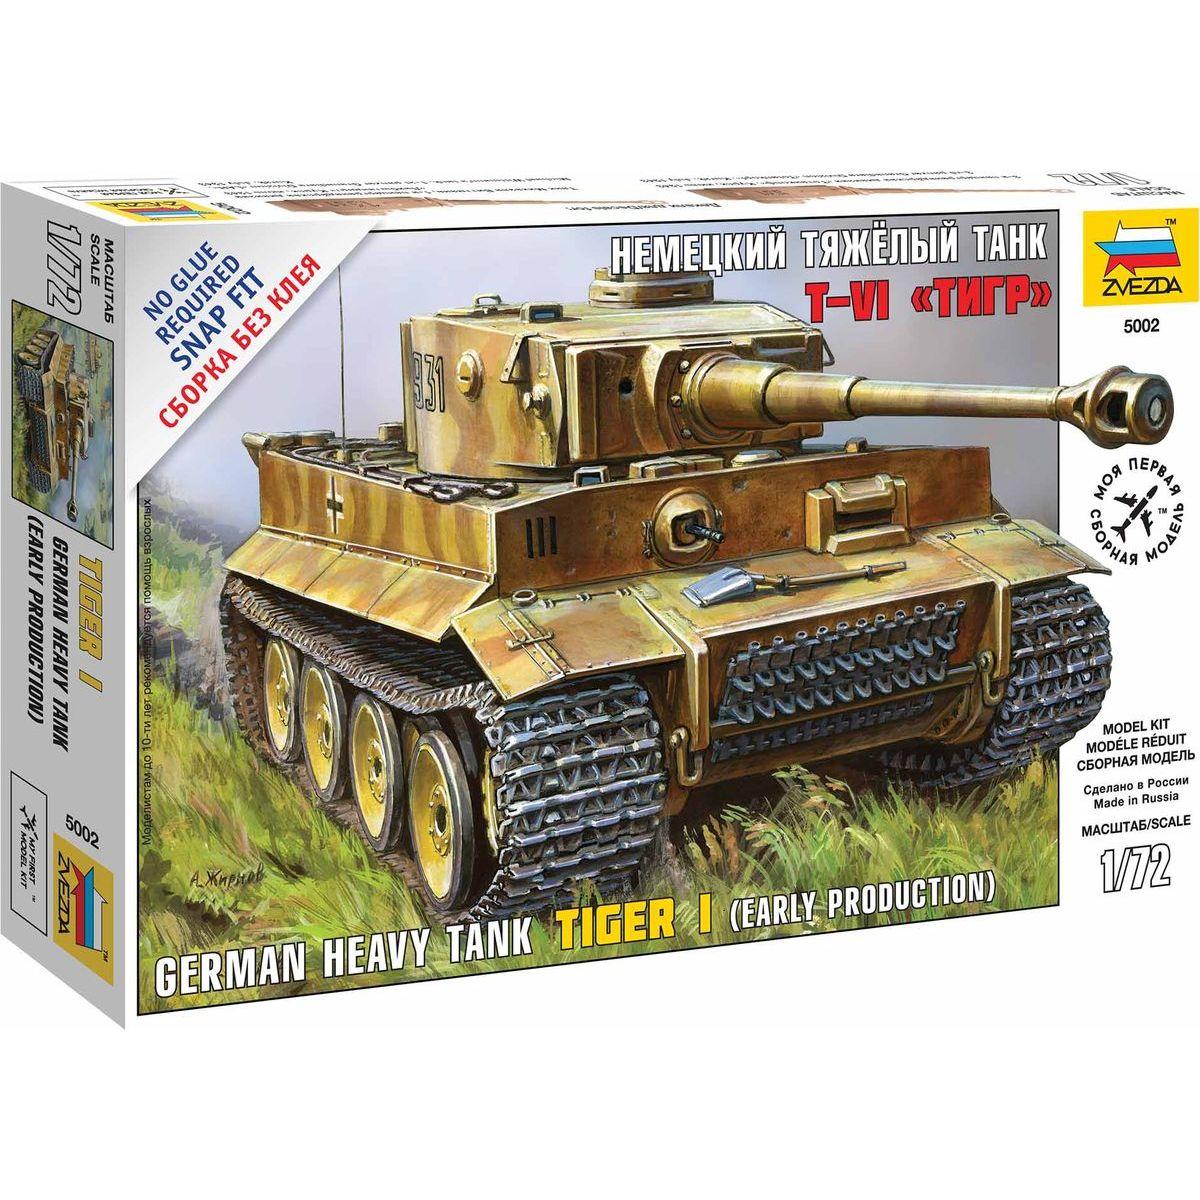 Zvezda Snap Kit tank 5002 Tiger I 1:72